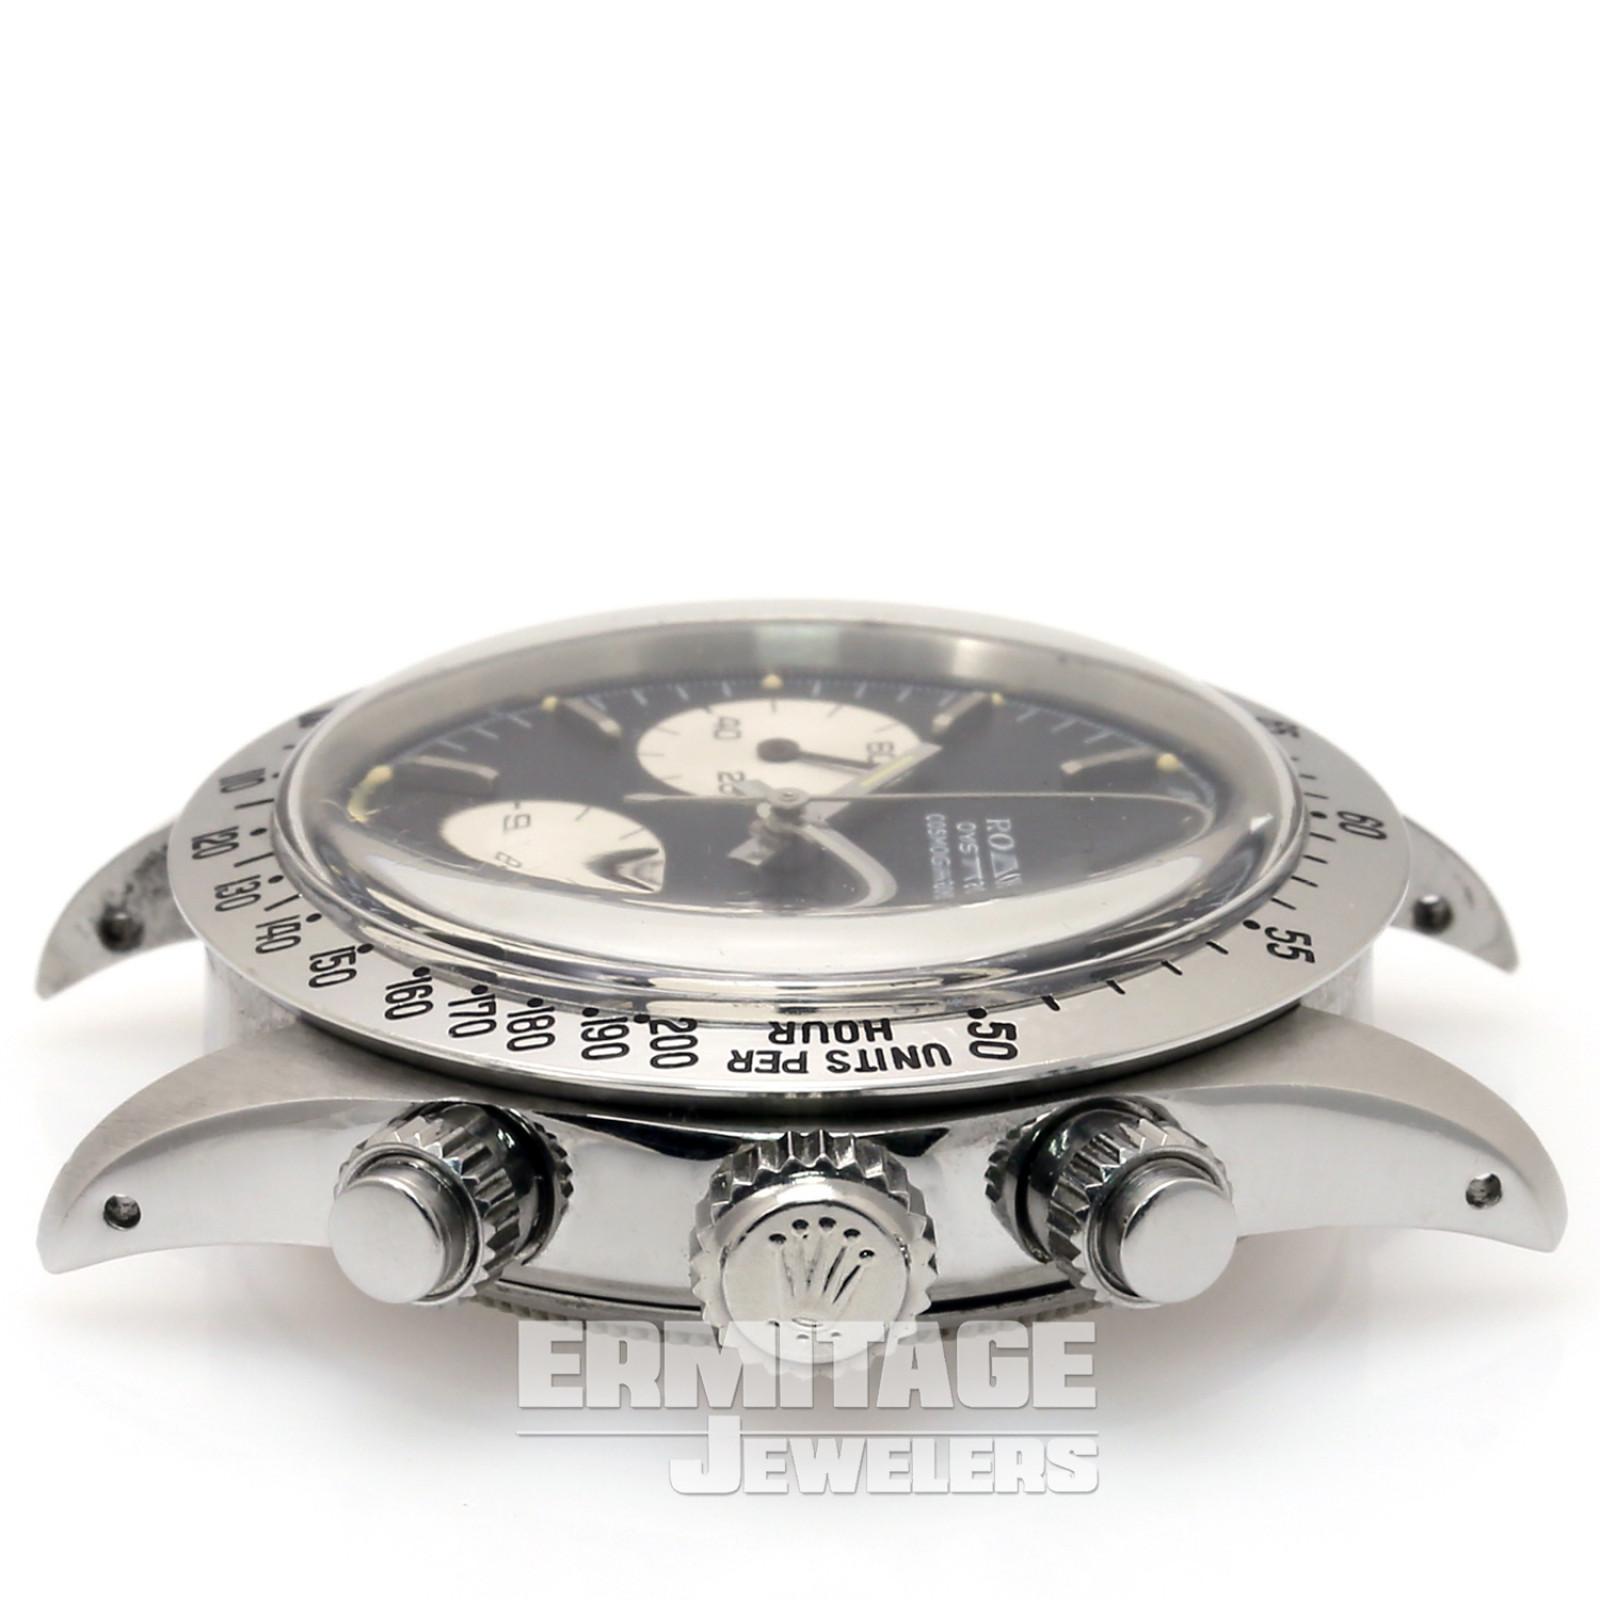 Vintage Rolex 6265 36.5 mm Steel on Oyster